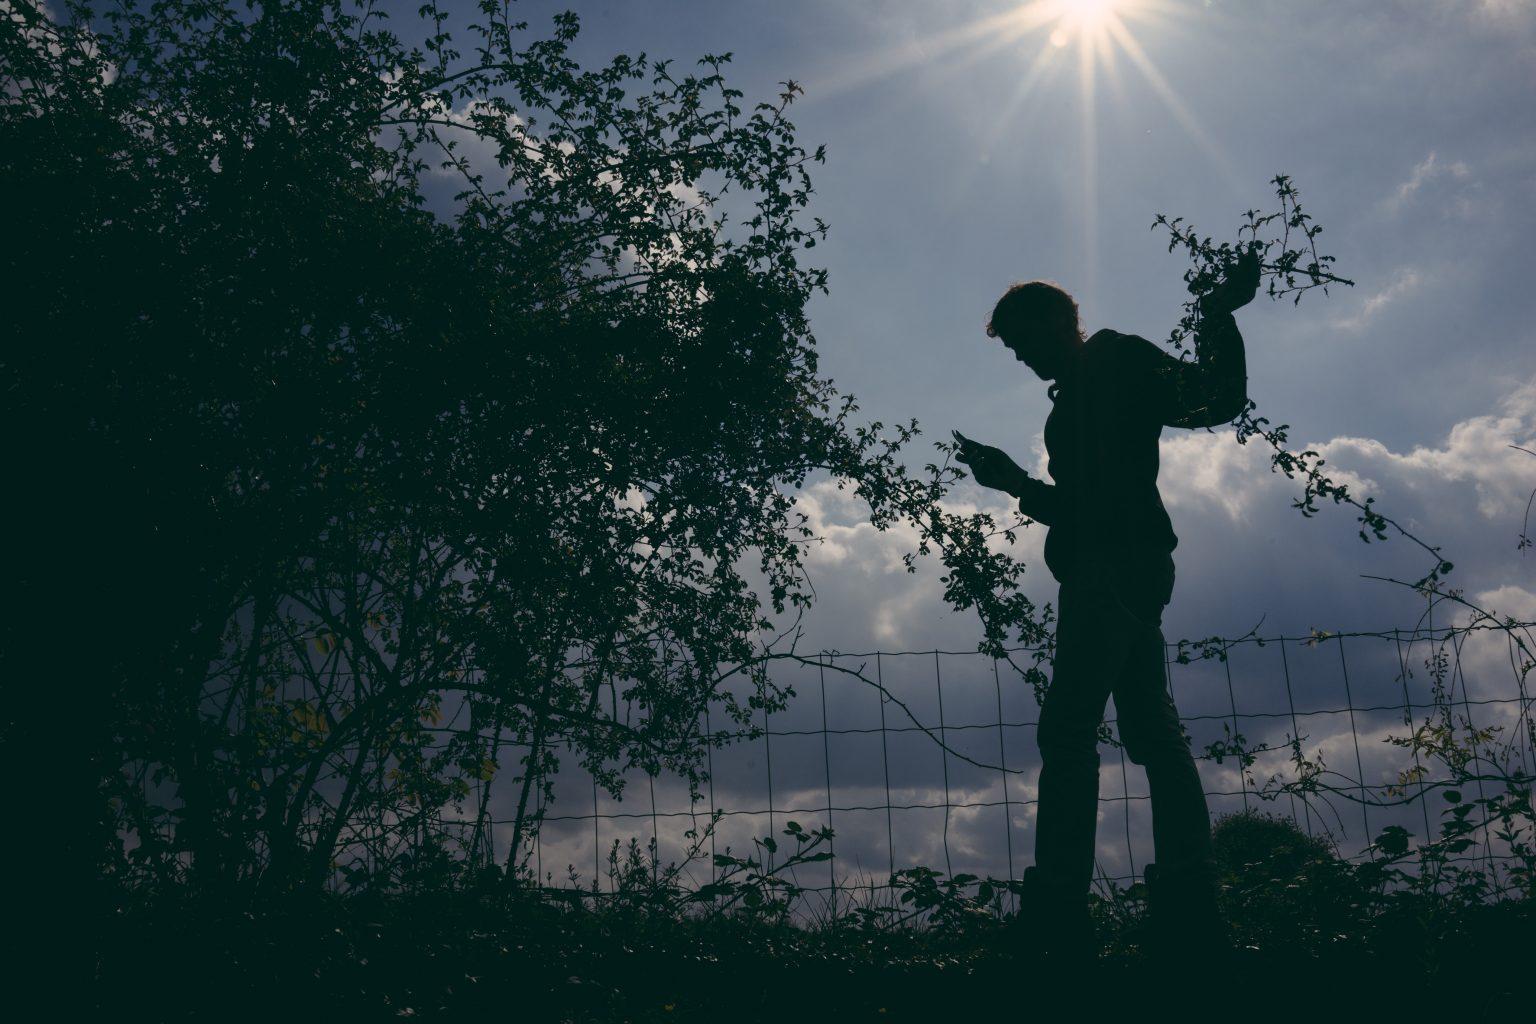 Bonneuil-Matours, France, May 2017 - La Maison Neuve. Tristan Plot does maintenance work on his flowering hedges, after the birds his second passion is plants and flowers and he takes care of many species in his garden. >< Bonneuil-Matours, maggio 2017 - Tristan Plot fa lavori di manutenzione alle sue siepi fiorite, dopo gli uccelli la sua seconda passione sono le piante e i fiori e si prende cura di molte specie nel suo giardino.*** SPECIAL   FEE   APPLIES ***